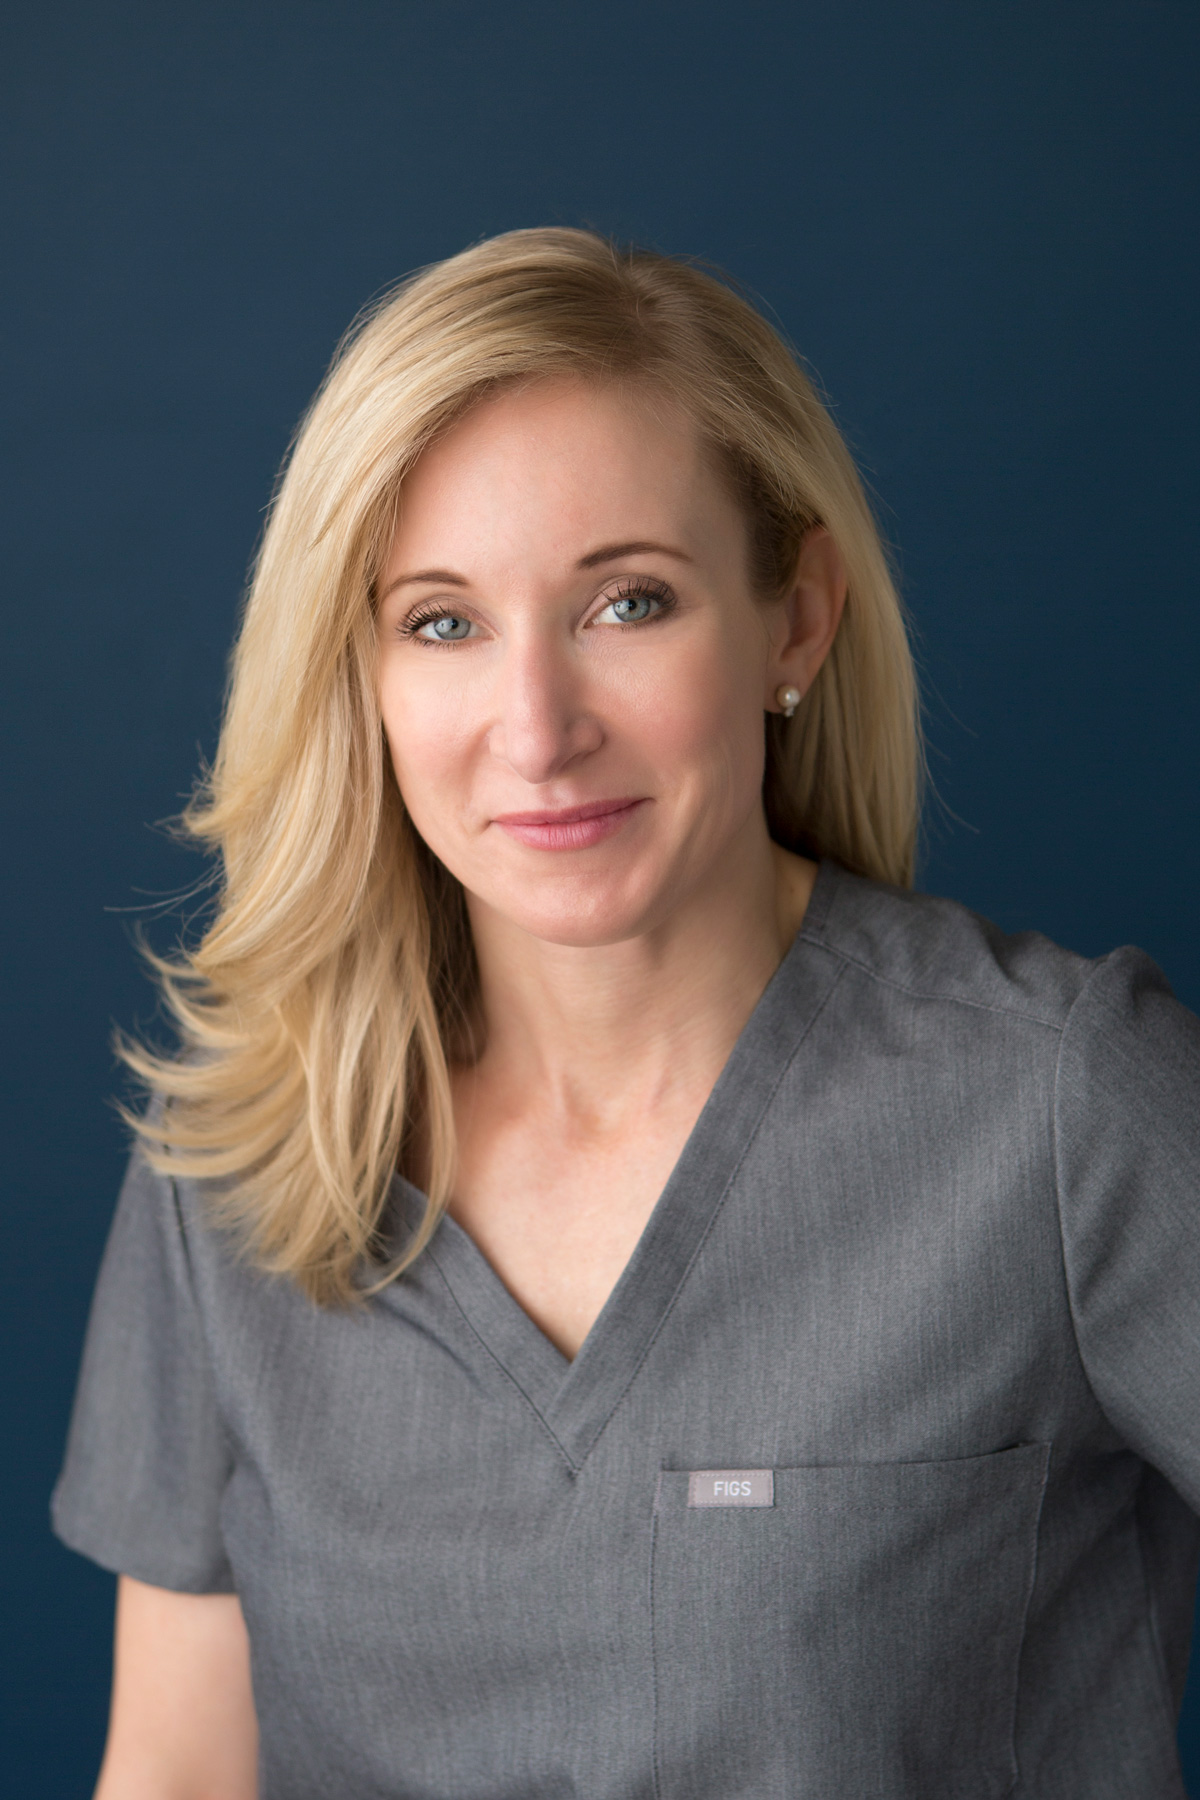 Dr. Valerie Tokarz - Dermatologist in East Greenwich, RI